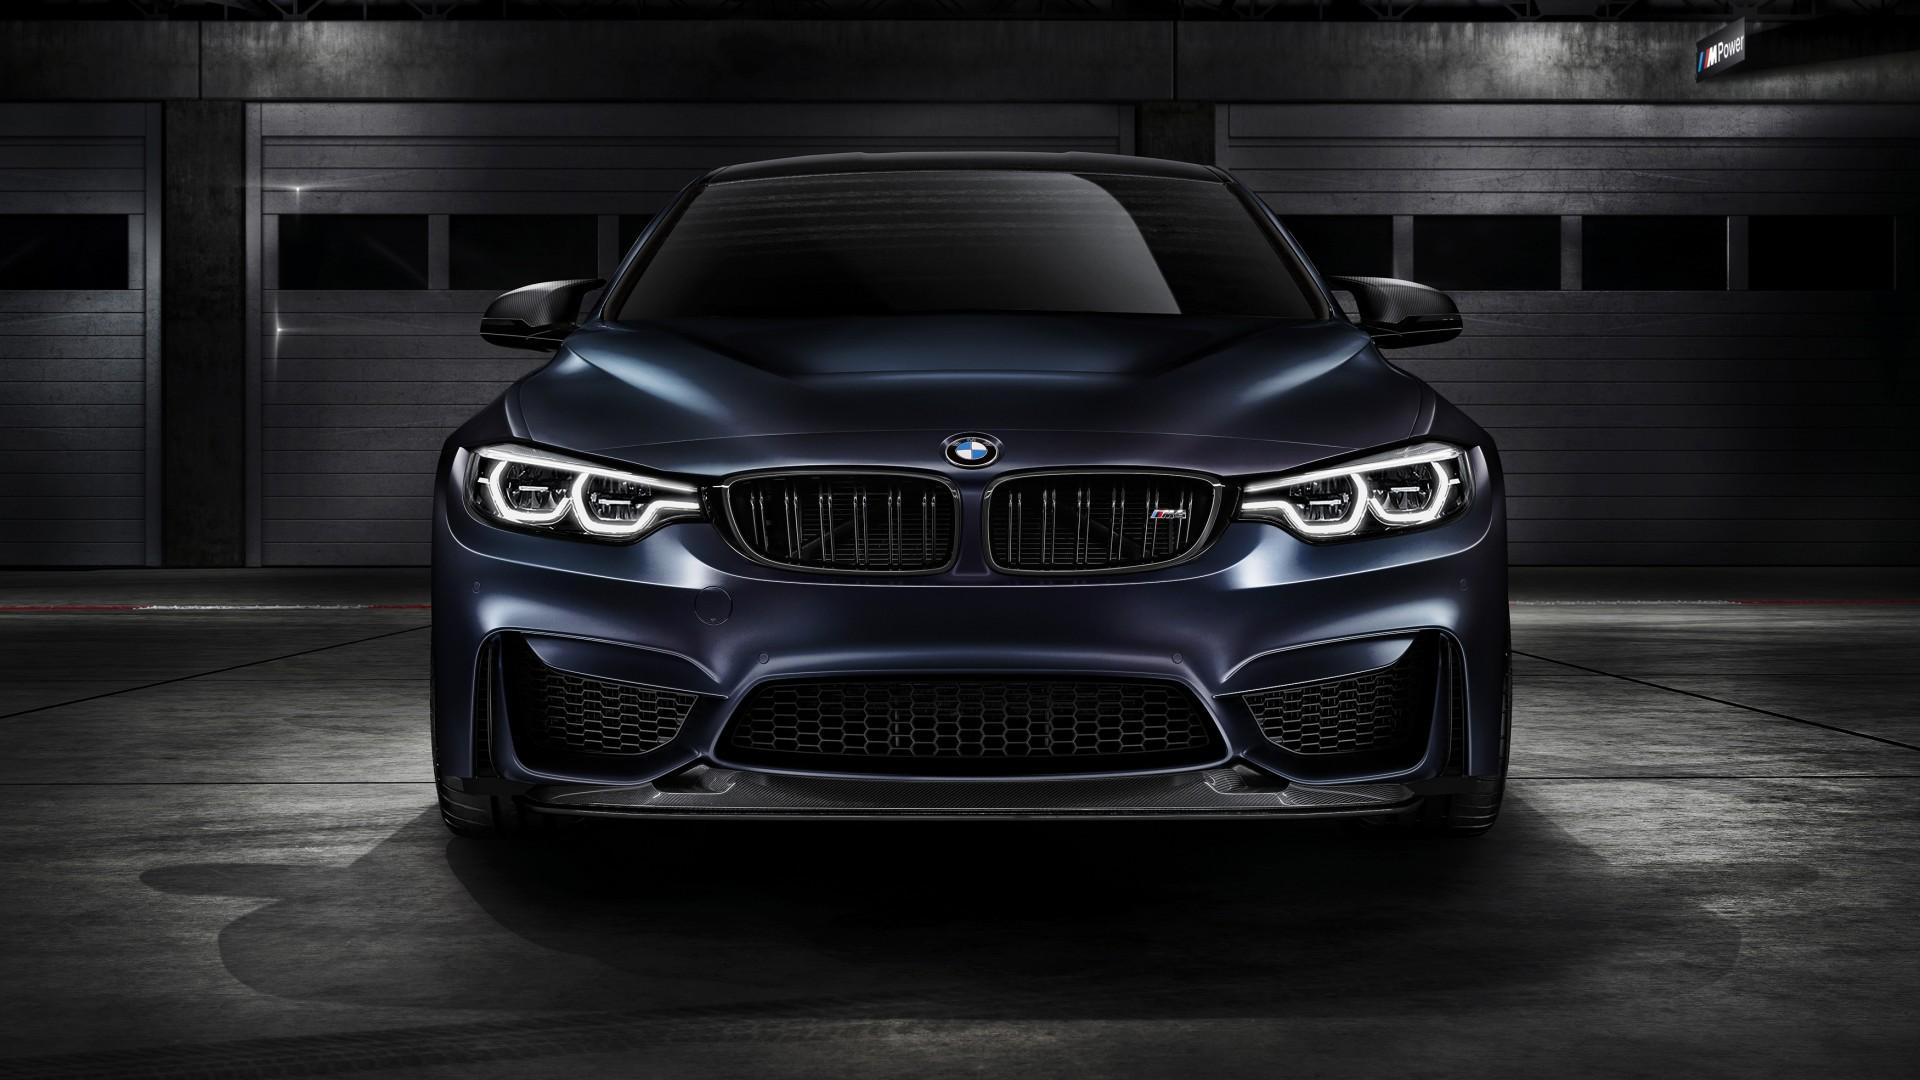 BMW M4 GTS 2018 2 Wallpaper HD Car Wallpapers ID 8090